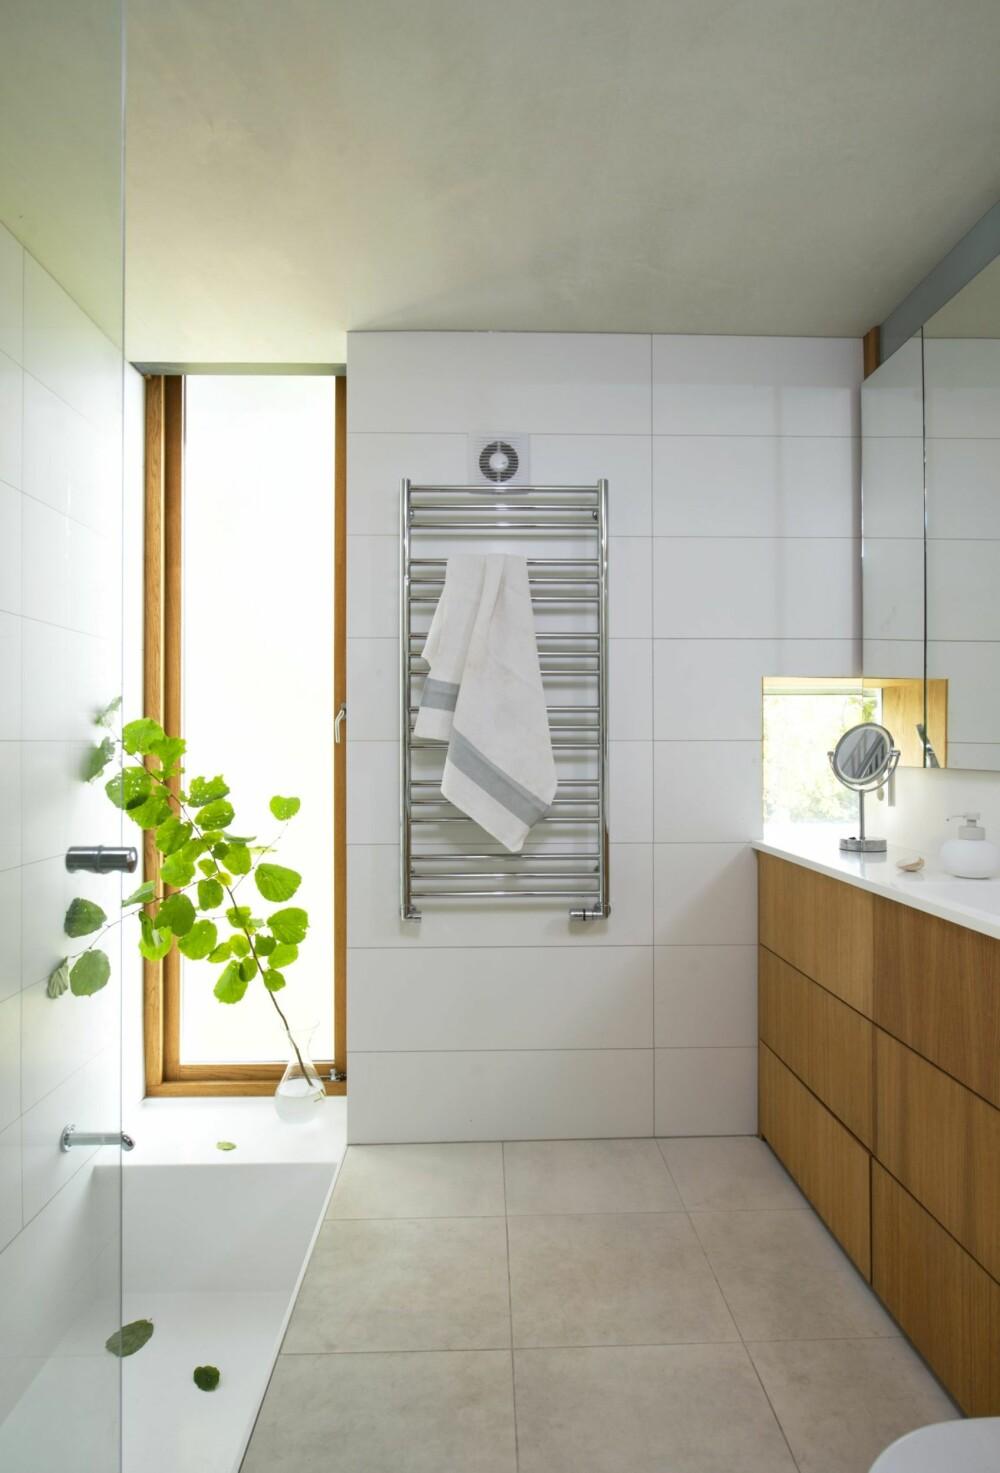 LUR LØSNING: Det litt kantete badekaret er plassert under det smale, høyreiste vinduet. Glasset er frostet for å hindre innsyn uten å stenge ute dagslyset. Eikeinnredningen er interiørets røde tråd. Styling: Juni Hjartholm.